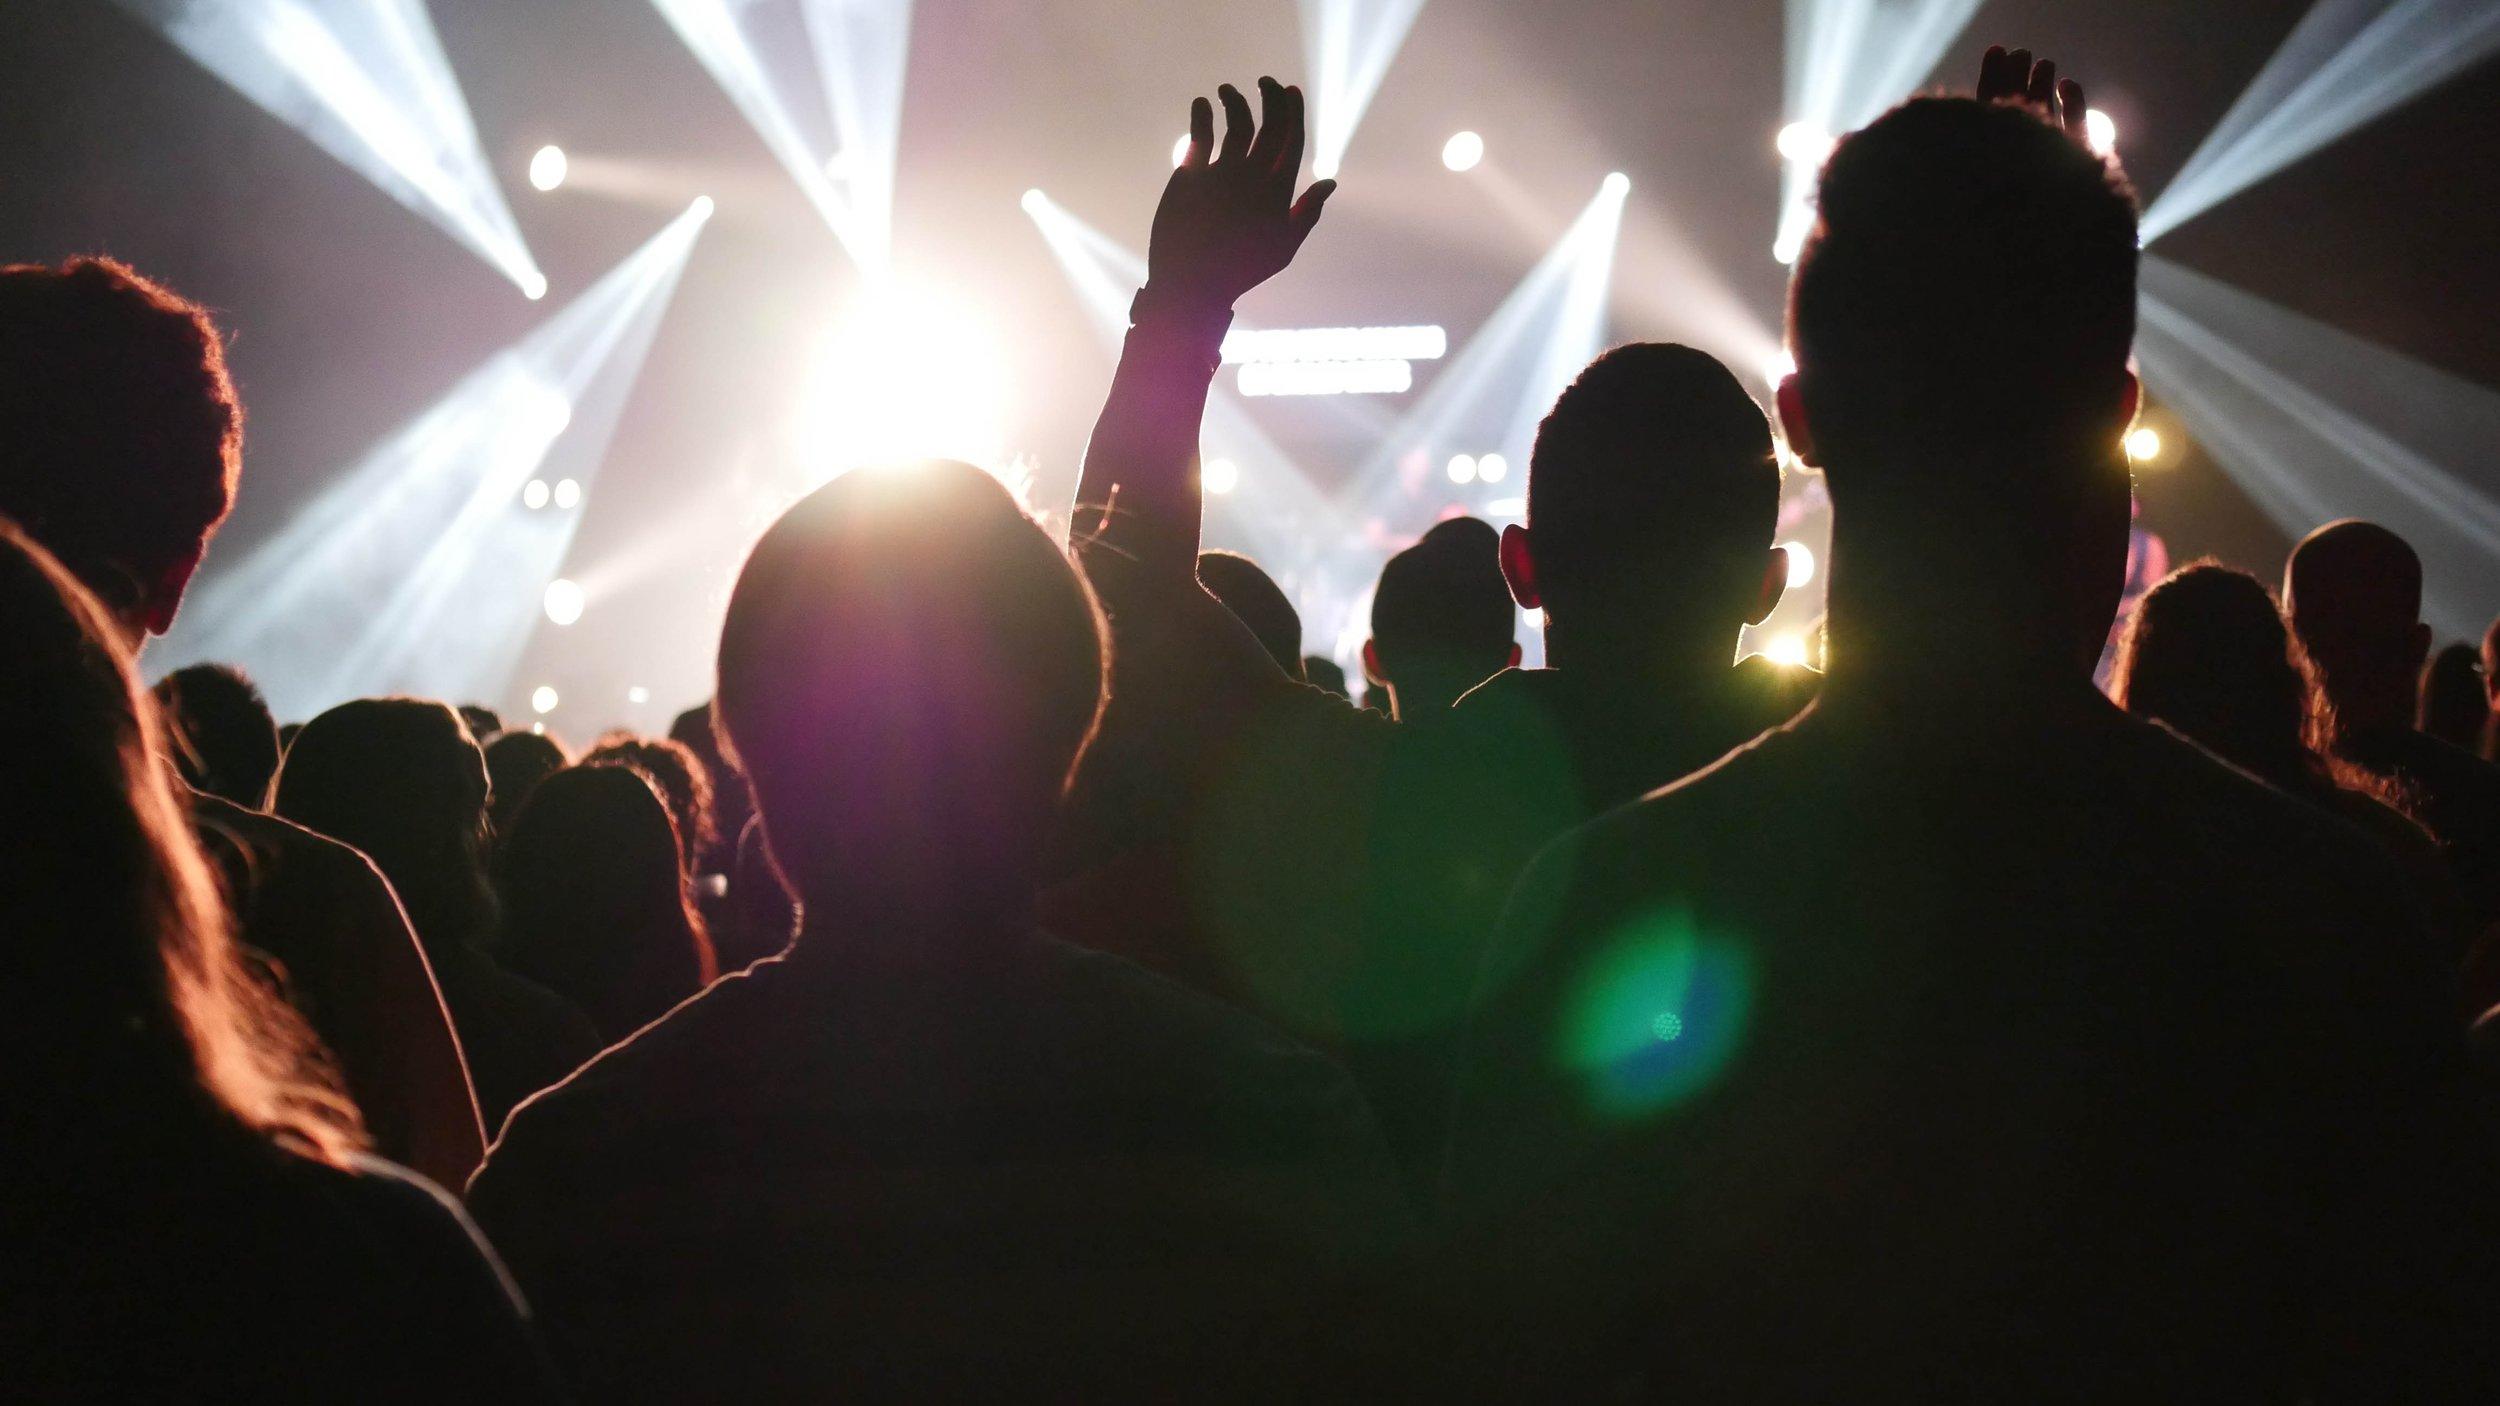 Congregational Prayer - Let us Pray together